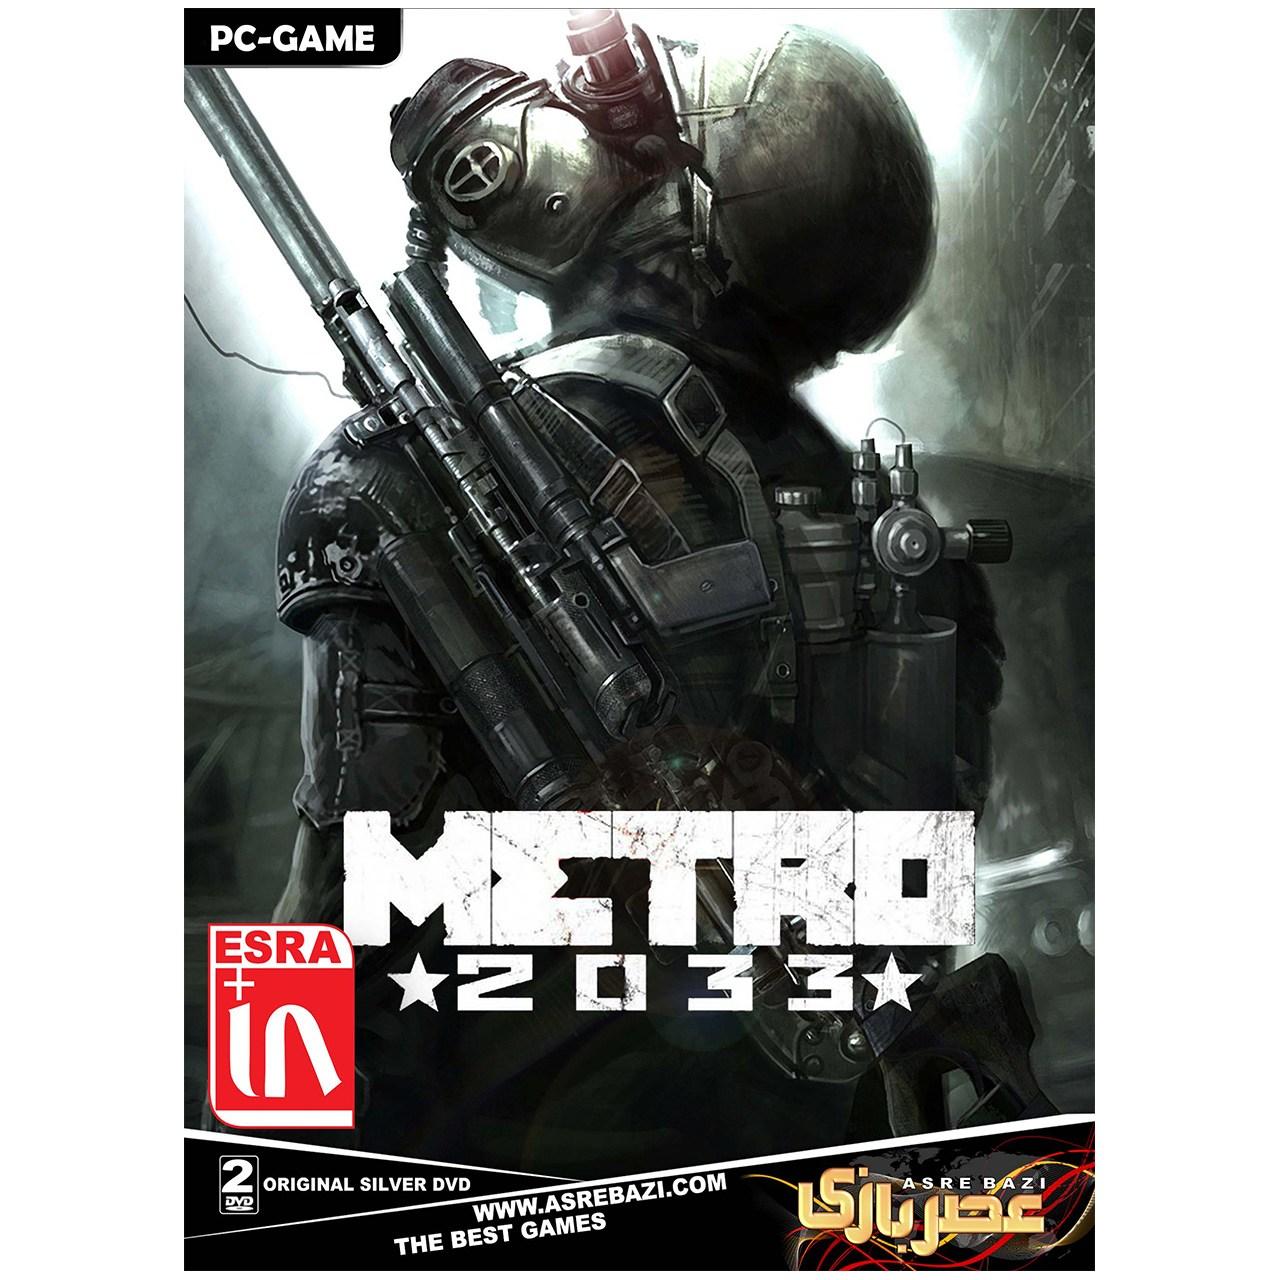 بازی کامپیوتری Metro 2033